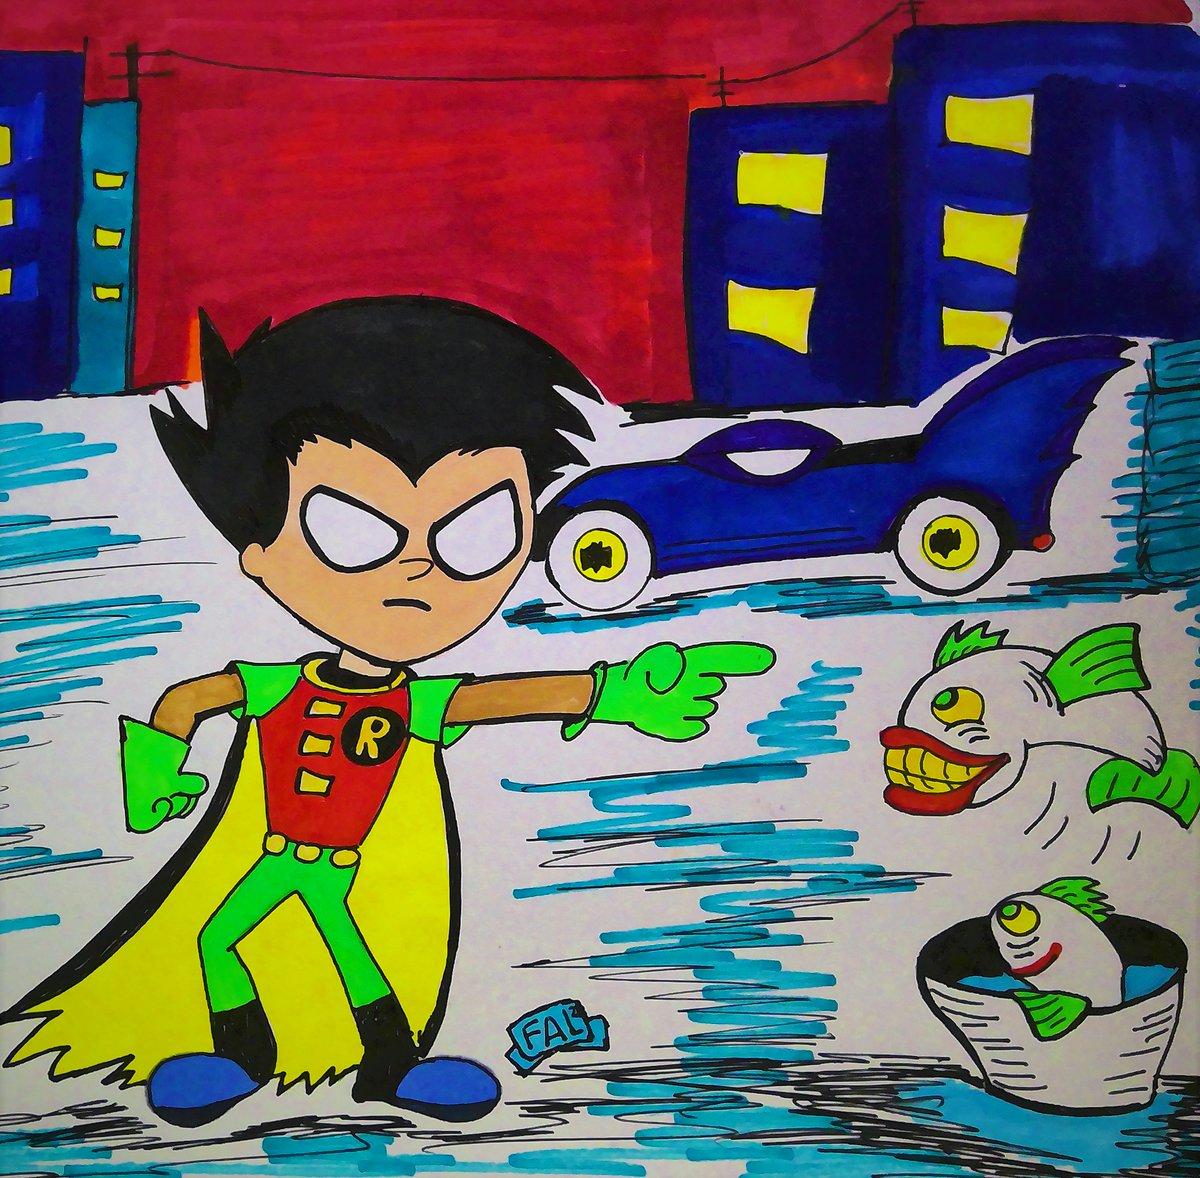 #robin #TeenTitans #DCEU  #frankyvegas #cartoons #CartoonNetwork #Joker #Batman  quick drawing for my little fans...